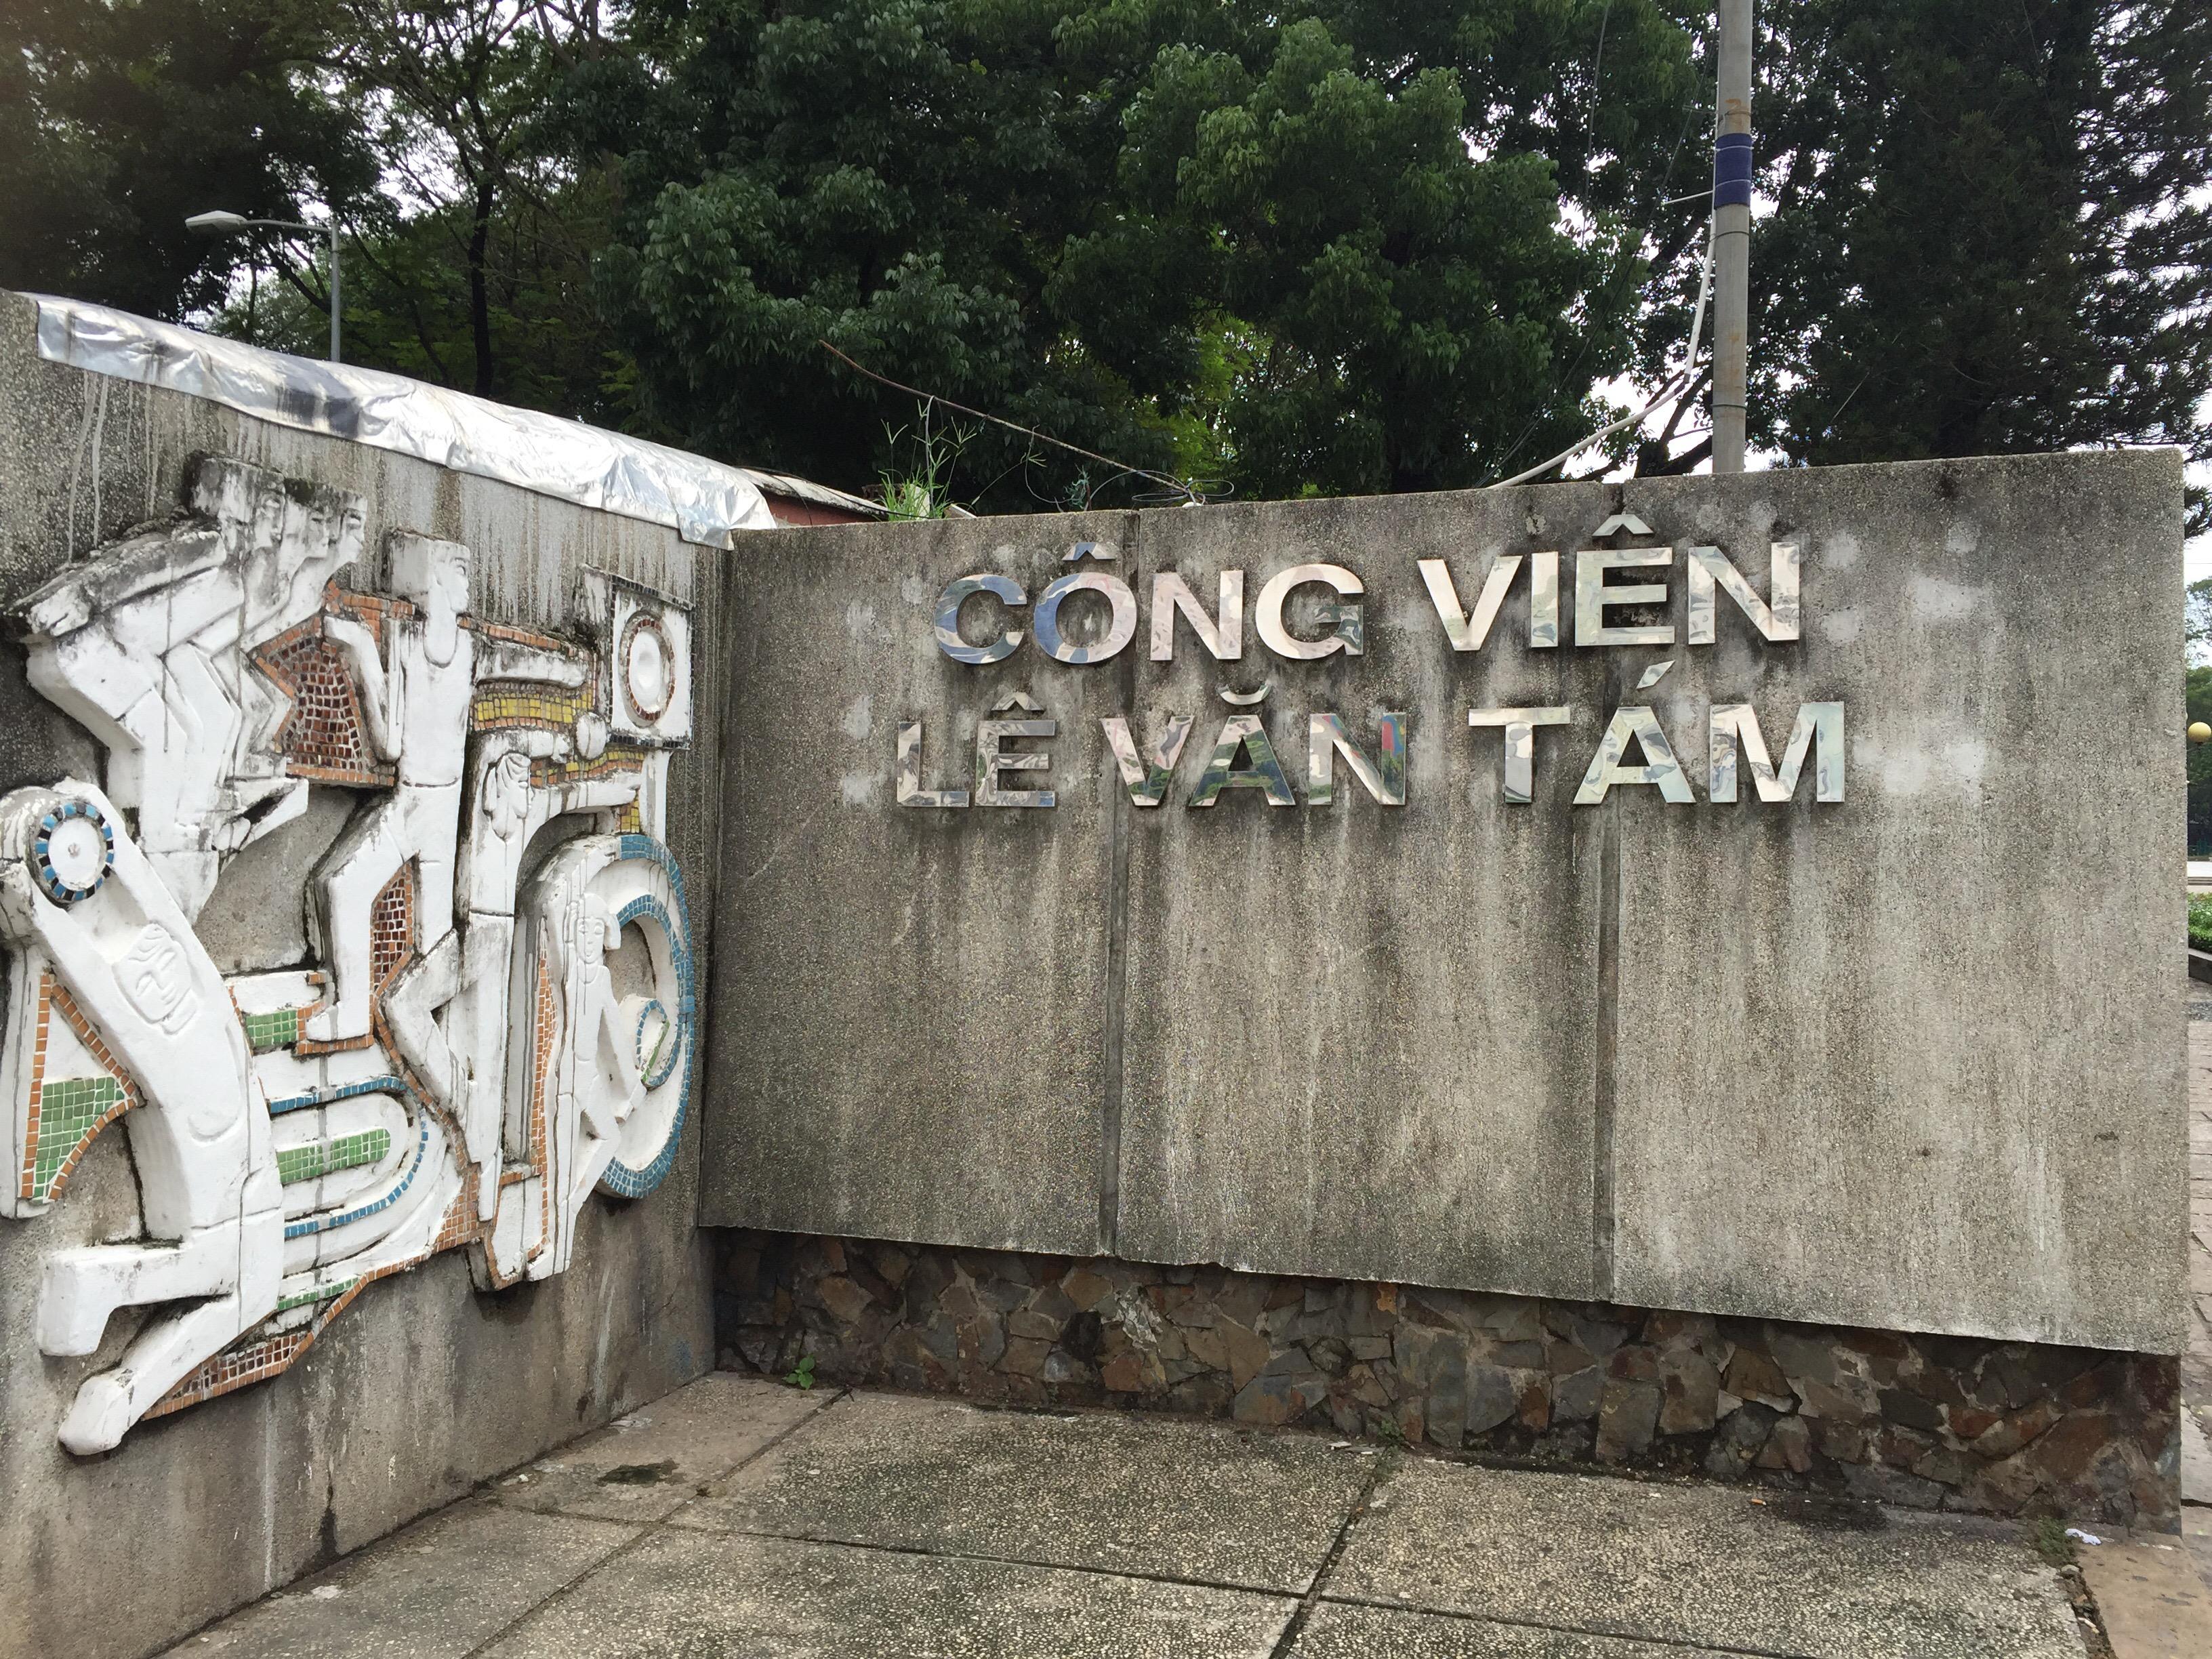 ホーチミン(ベトナム)レヴァンタム公園のプールが貸切状態